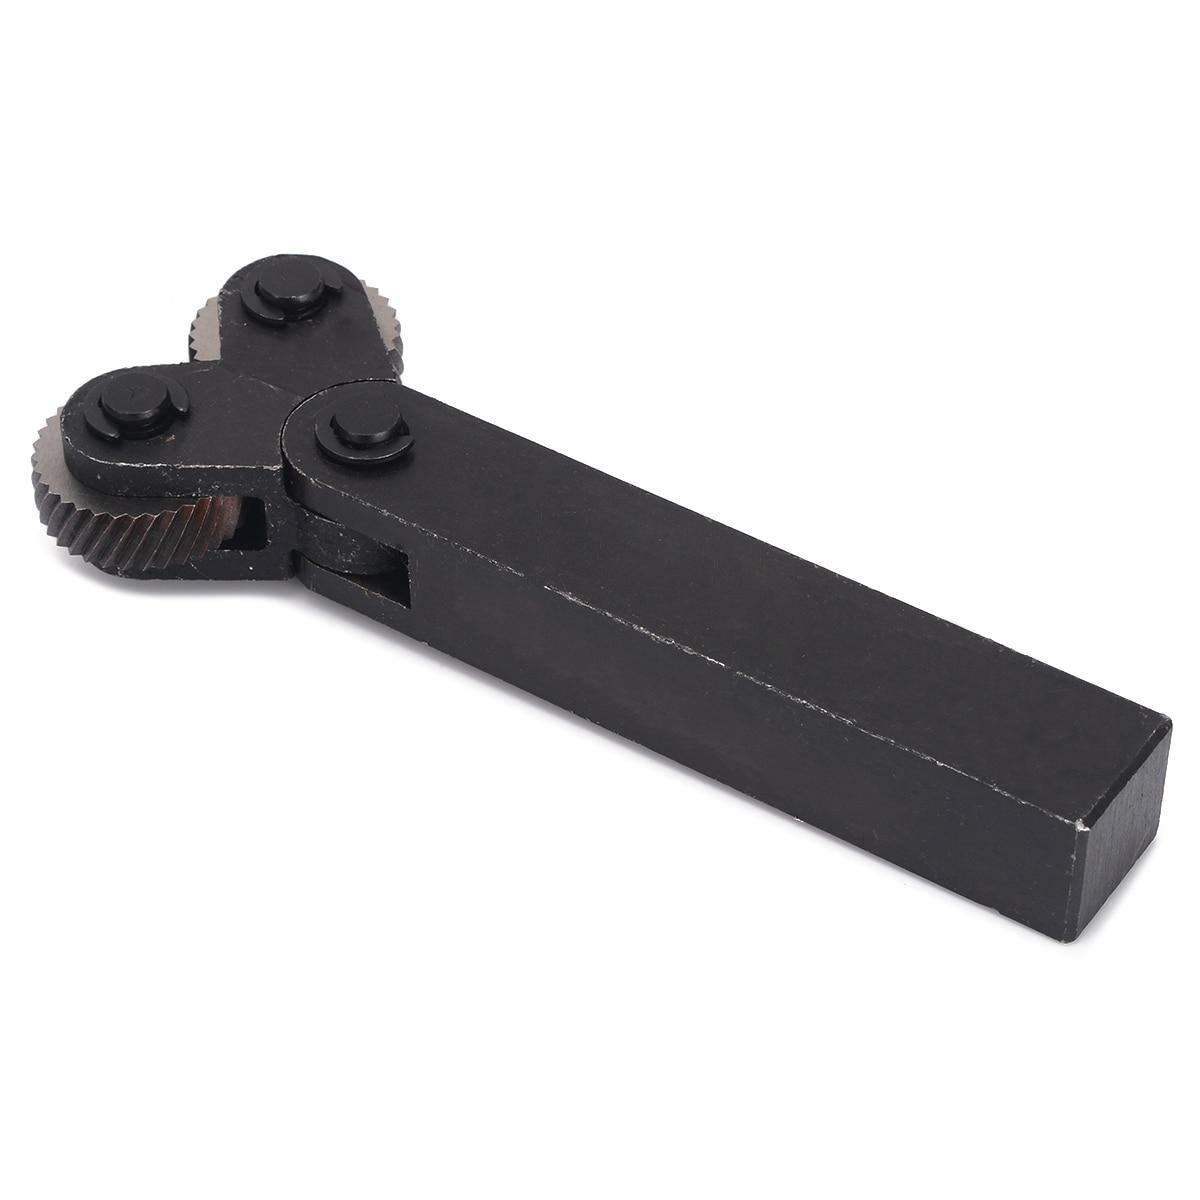 6 stücke Diagonal Rändelung Rad Set 0,5/1/2mm Pitch + Stahl Rändelung Werkzeug Kit mit Anti -rost Widerstand